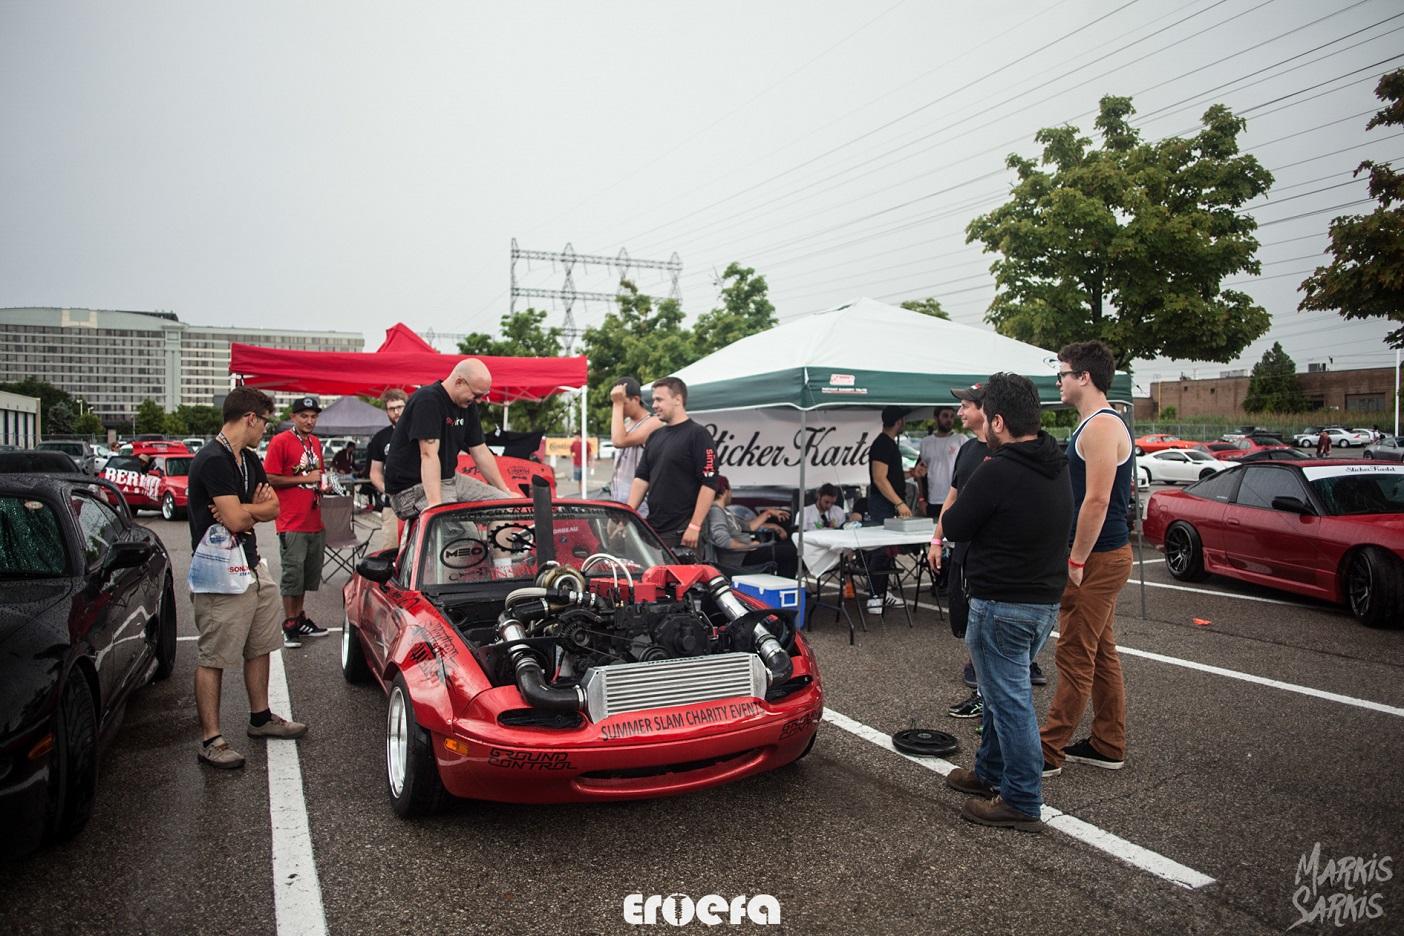 Cummins Miata drift car build to raise funds for HHS automotive